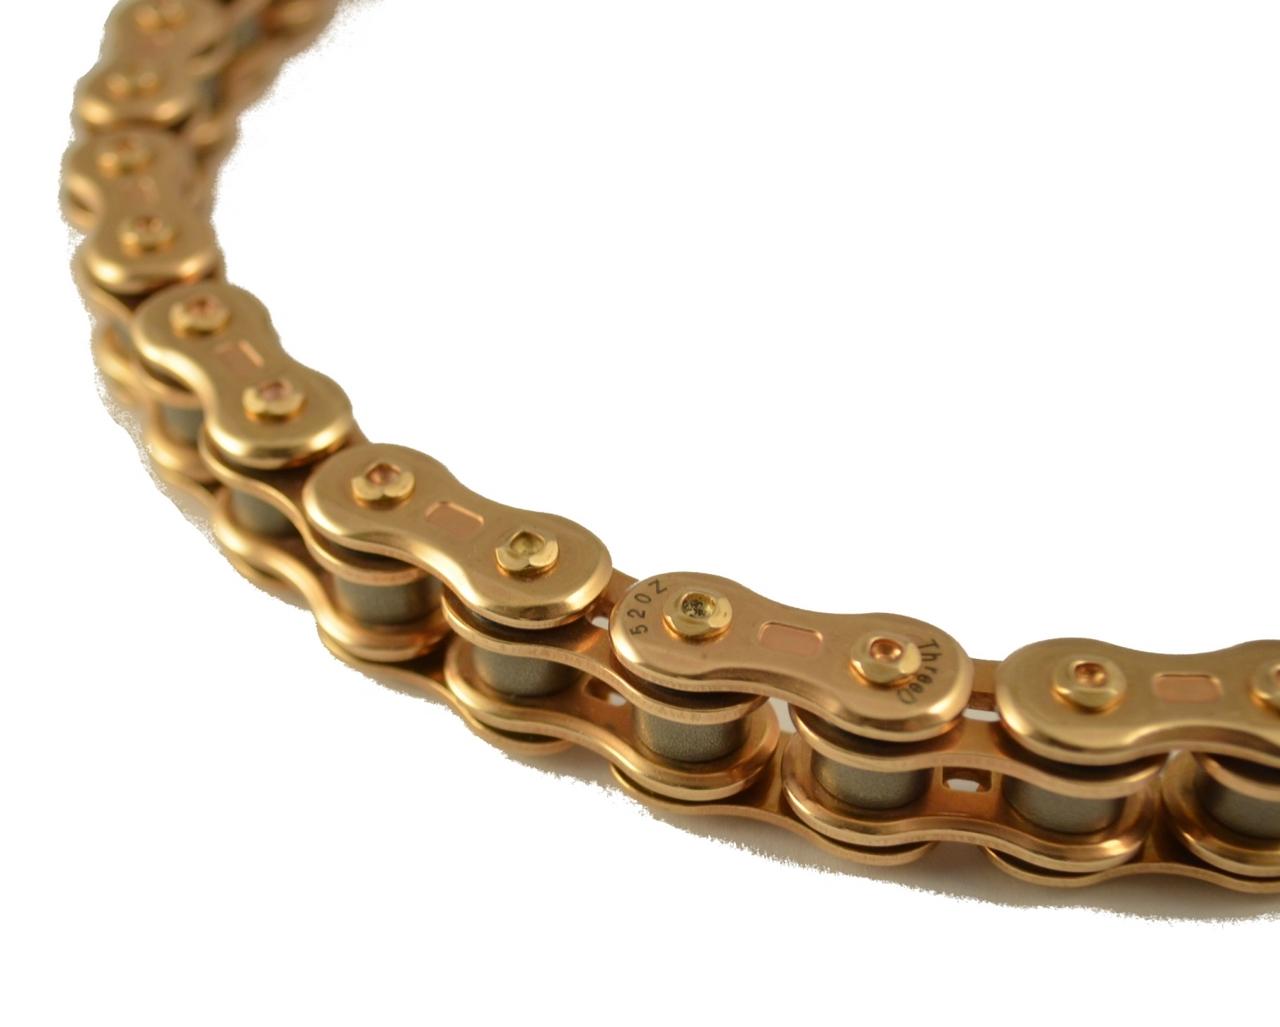 Ek Chain Threed Chain 520z 520z Gp Gp 140l Mlj